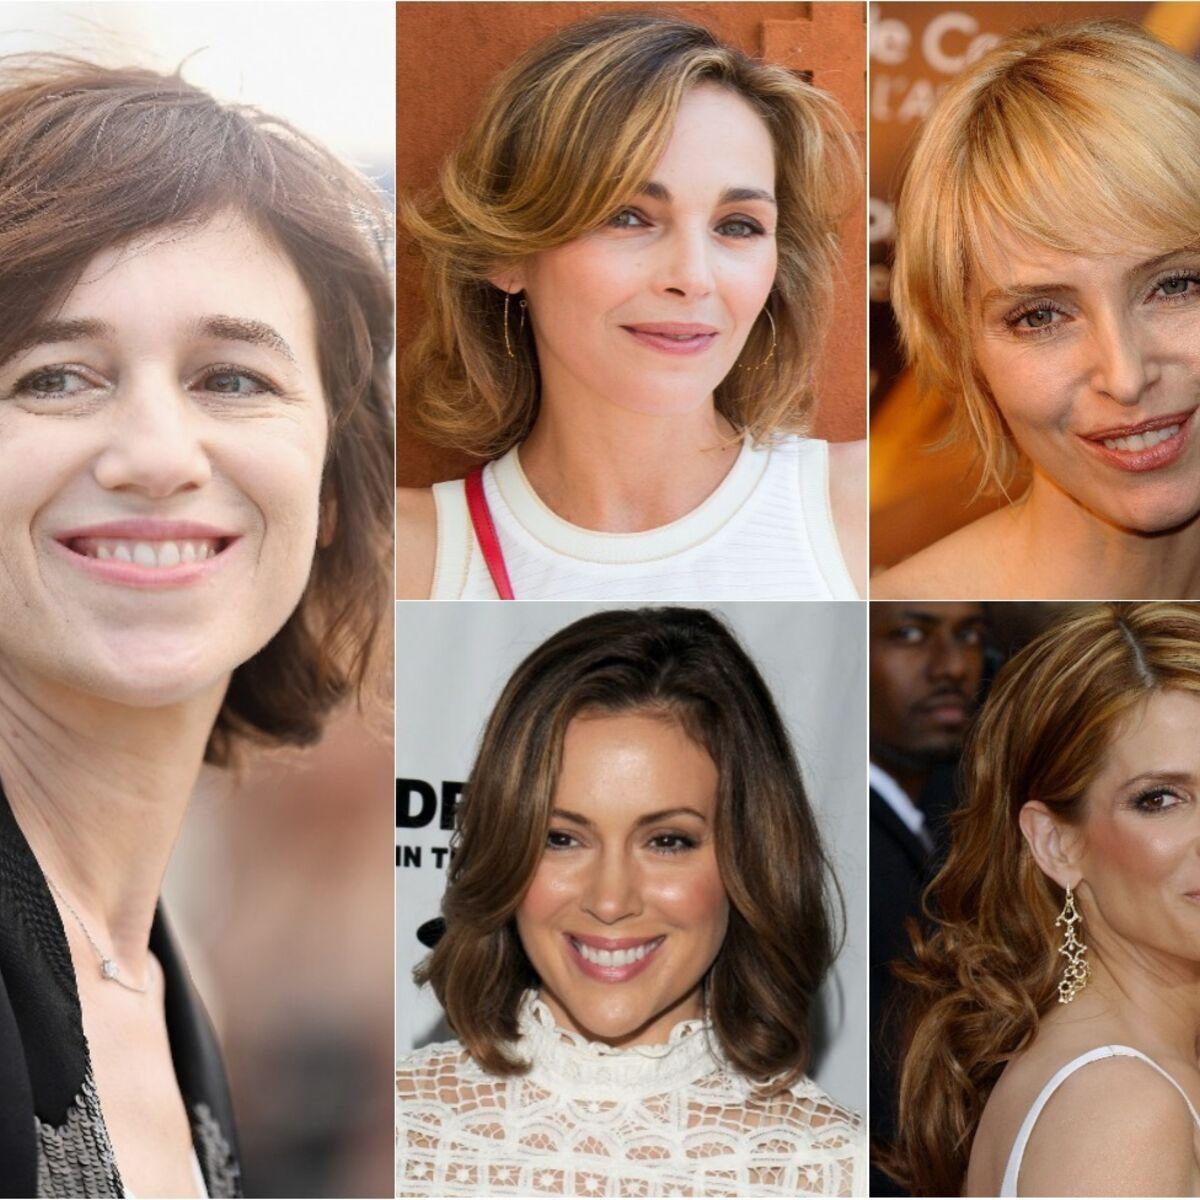 15 Coiffures De Stars Pour Rajeunir Apres 40 Ans Femme Actuelle Le Mag